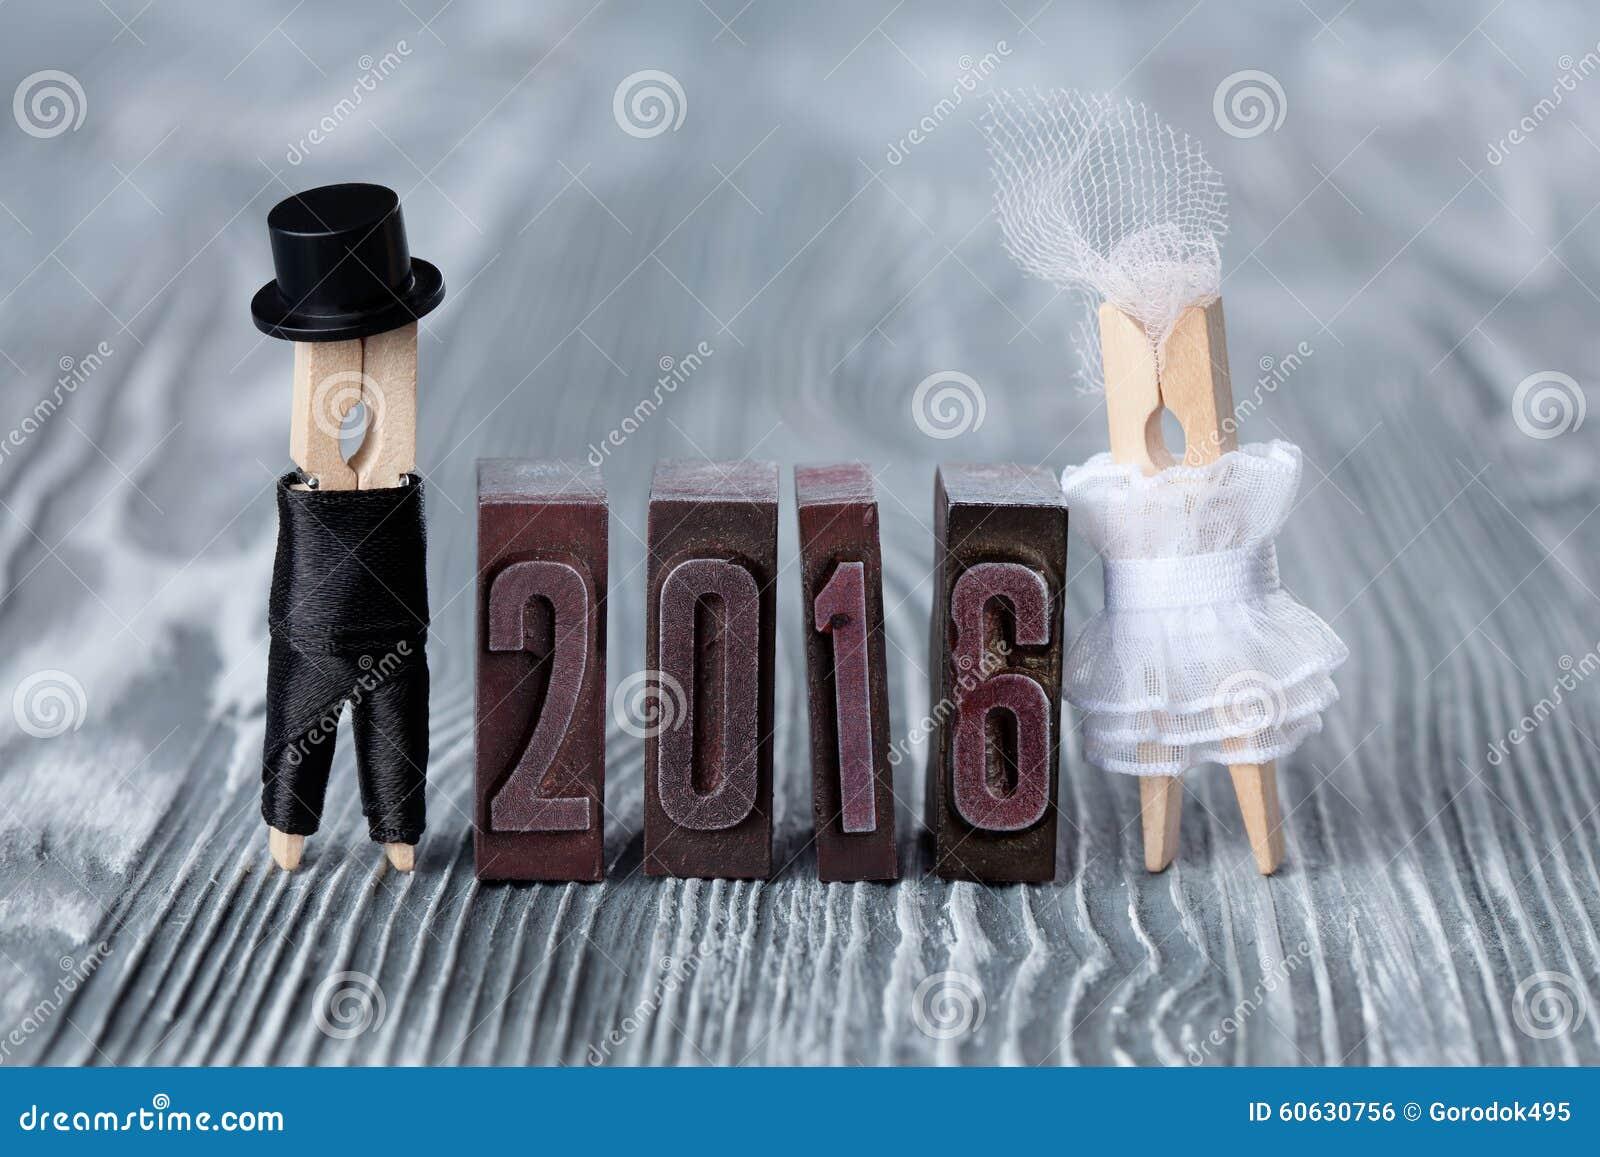 49c146dd4 Invitación De La Boda 2016 Años Novio En Traje Y Novia Negros En El ...